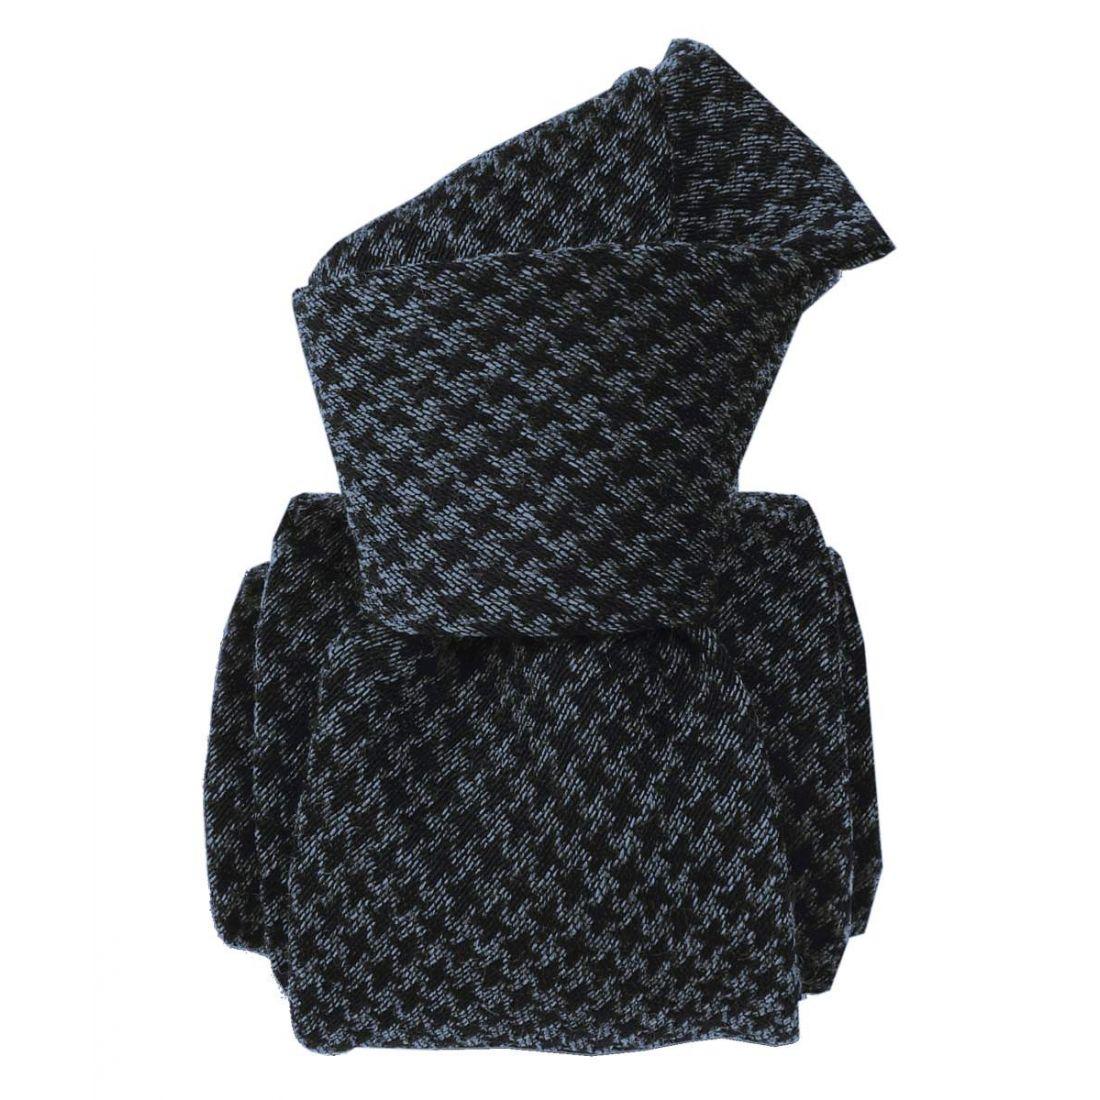 Cravate en laine et soie, Toscane Gris et noir Segni et Disegni Cravates.  Loading zoom 01f7b254338